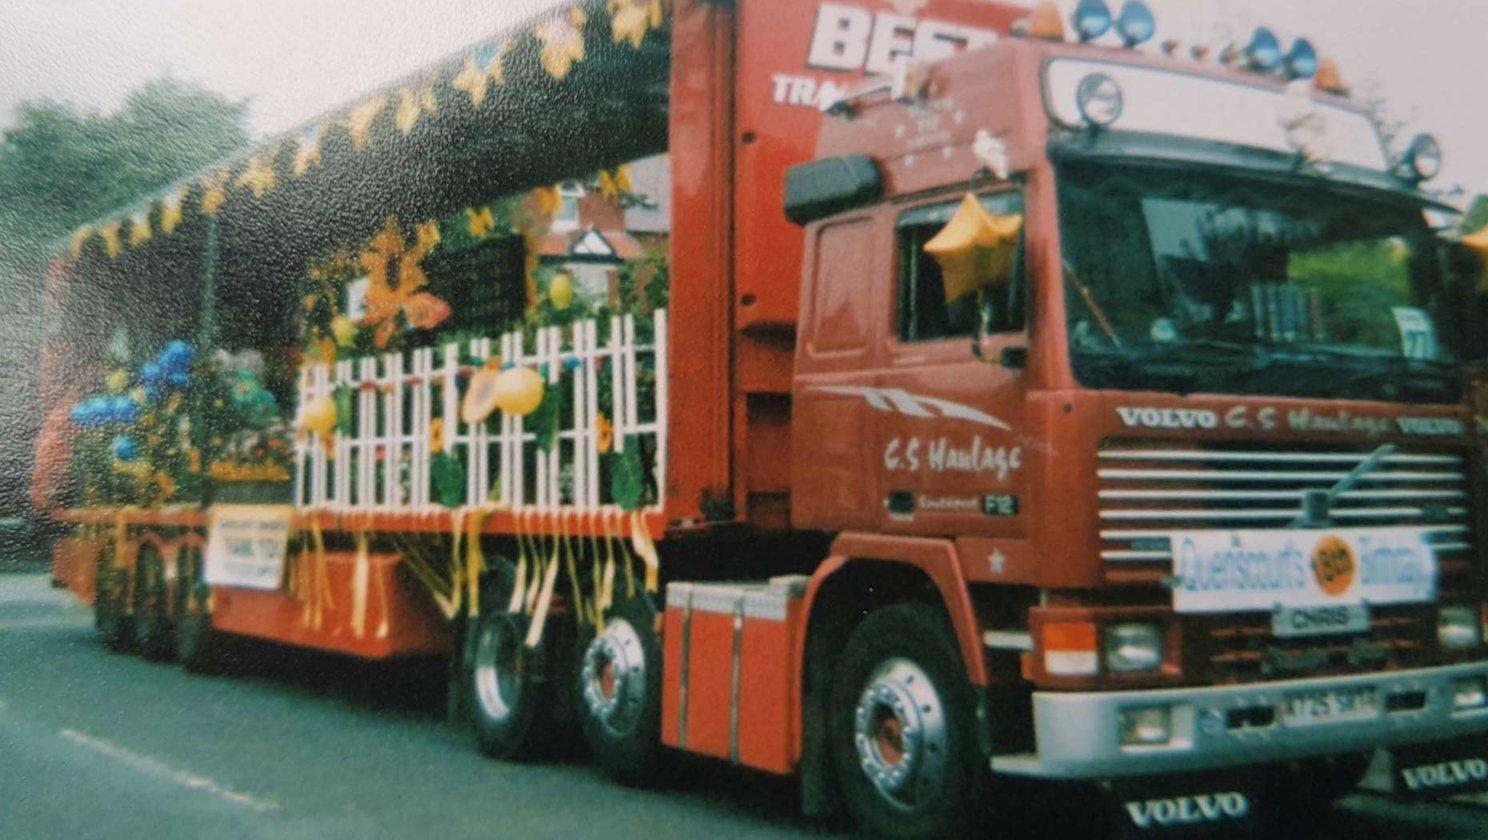 Thomas Hardie Used Volvo Trucks News - Thomas Hardie Used Trucks in Middlewich, Cheshire